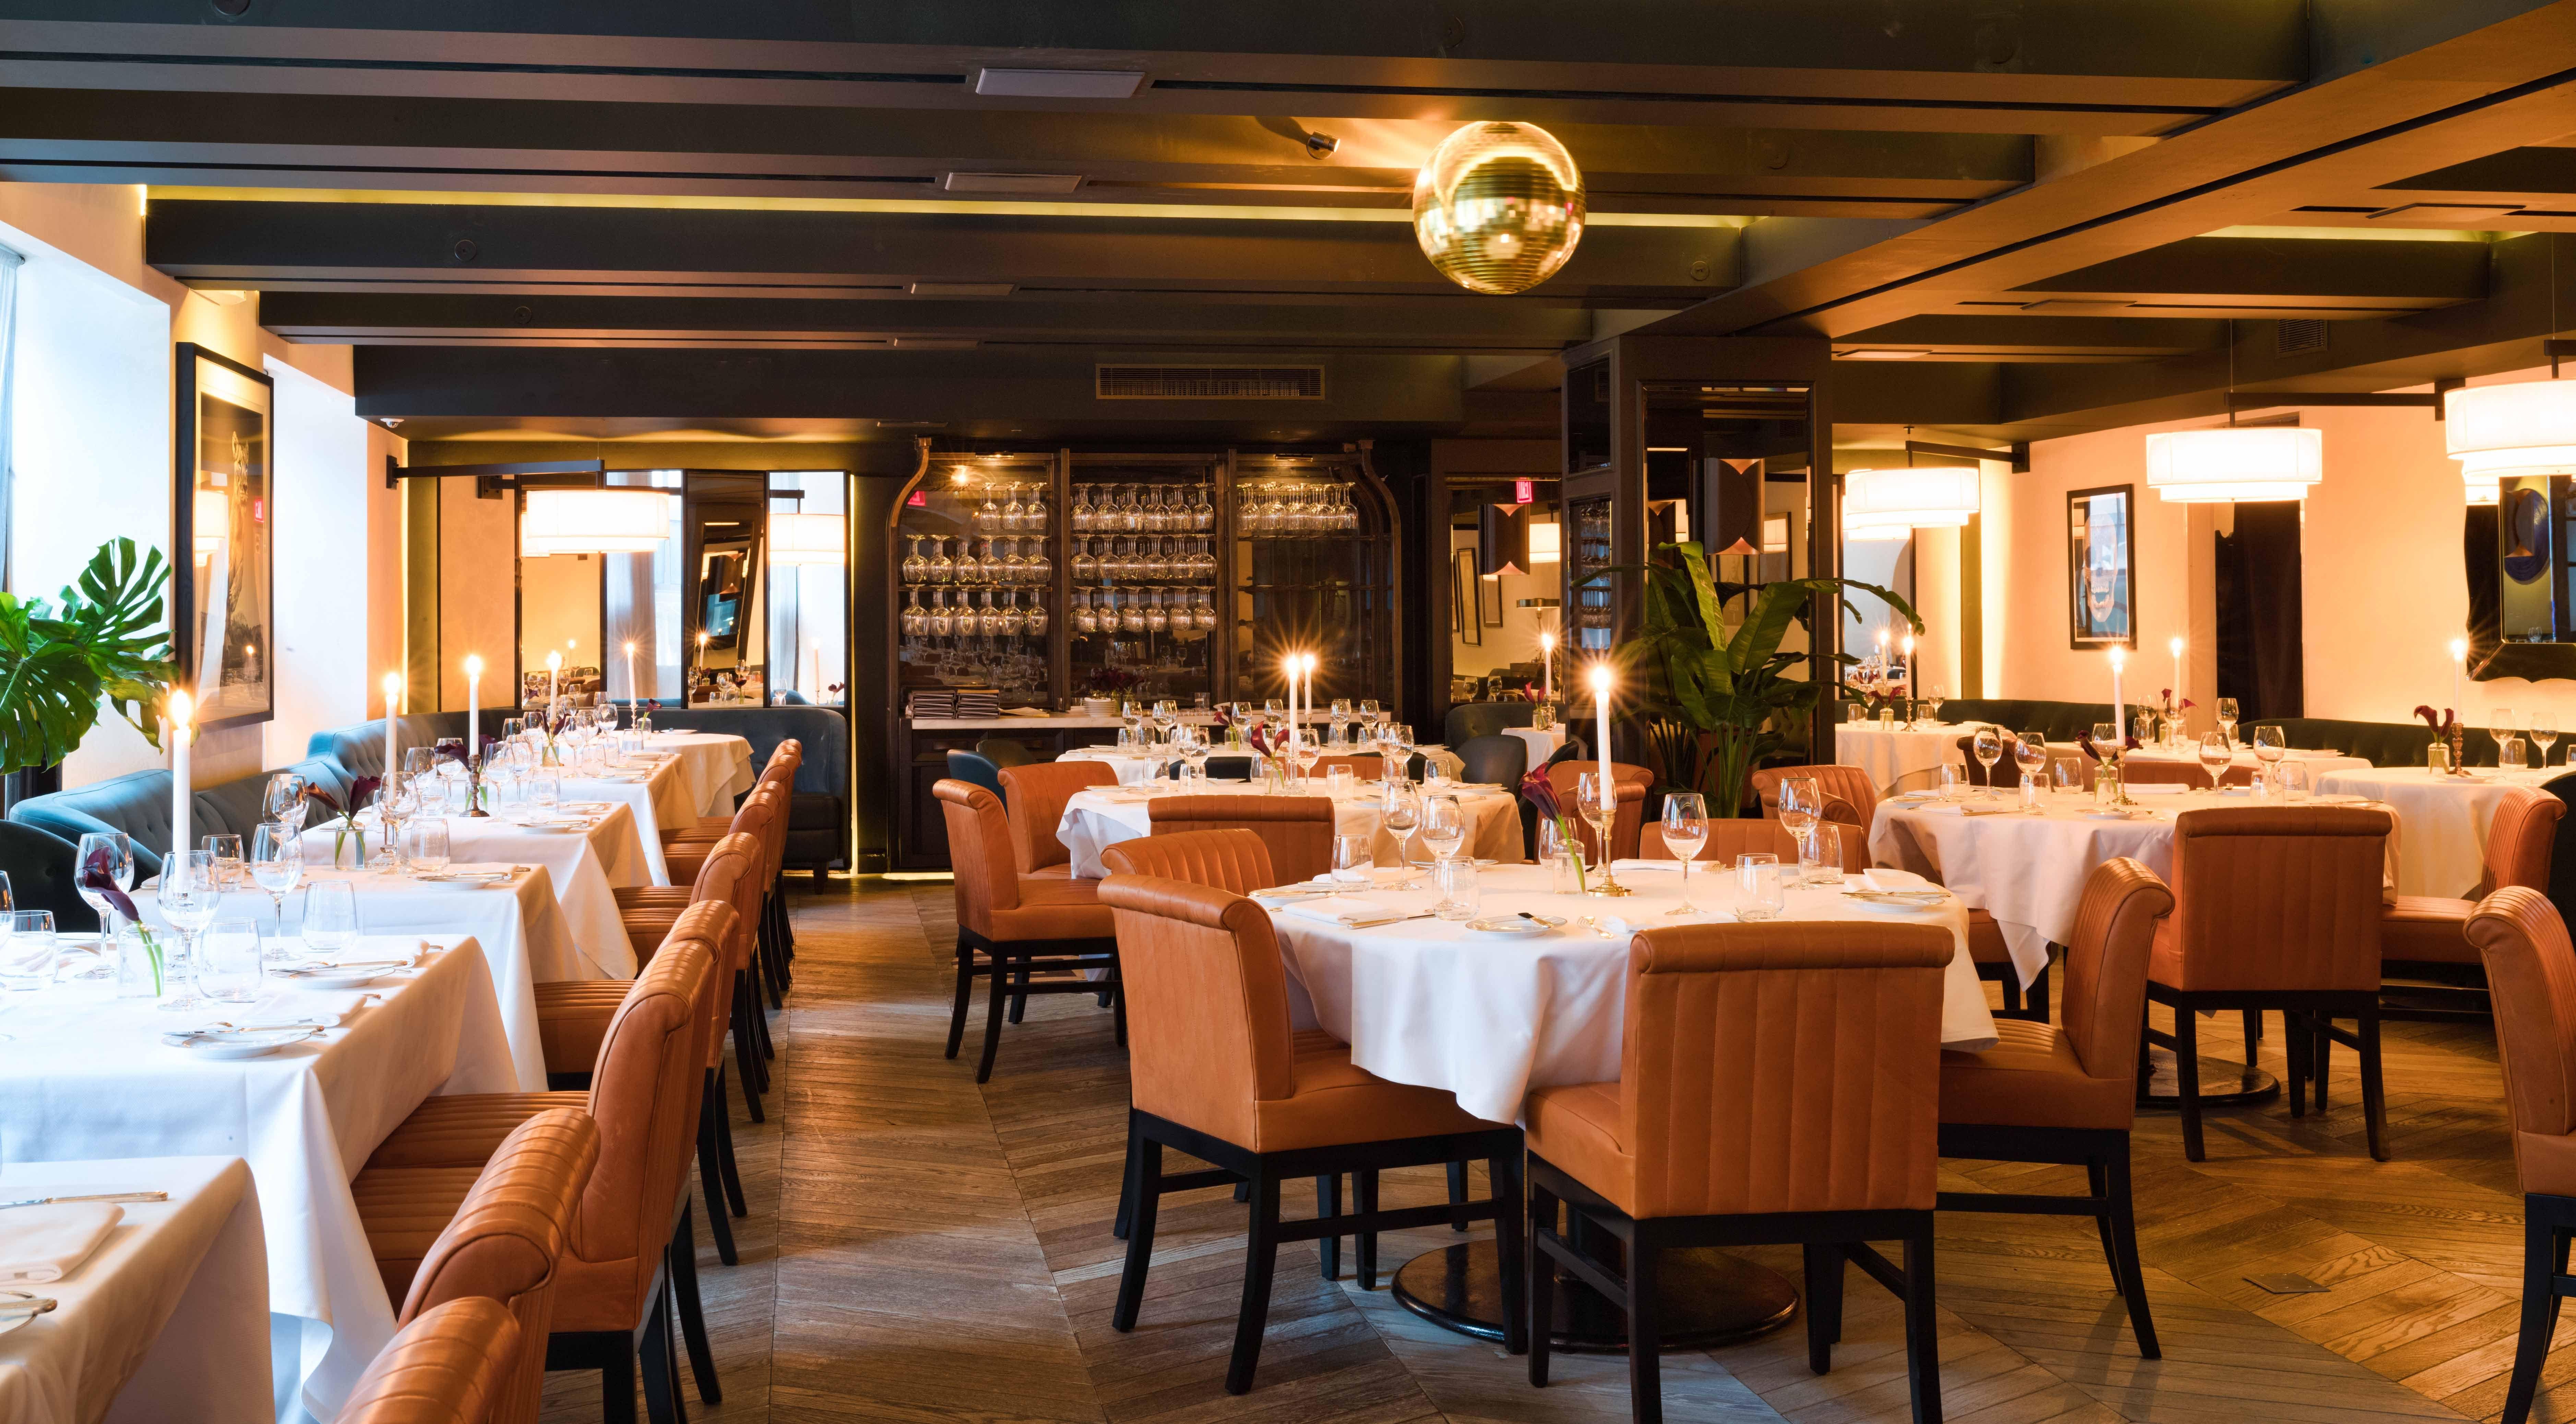 Upper East Side Restaurants 14 Best Upper East Side